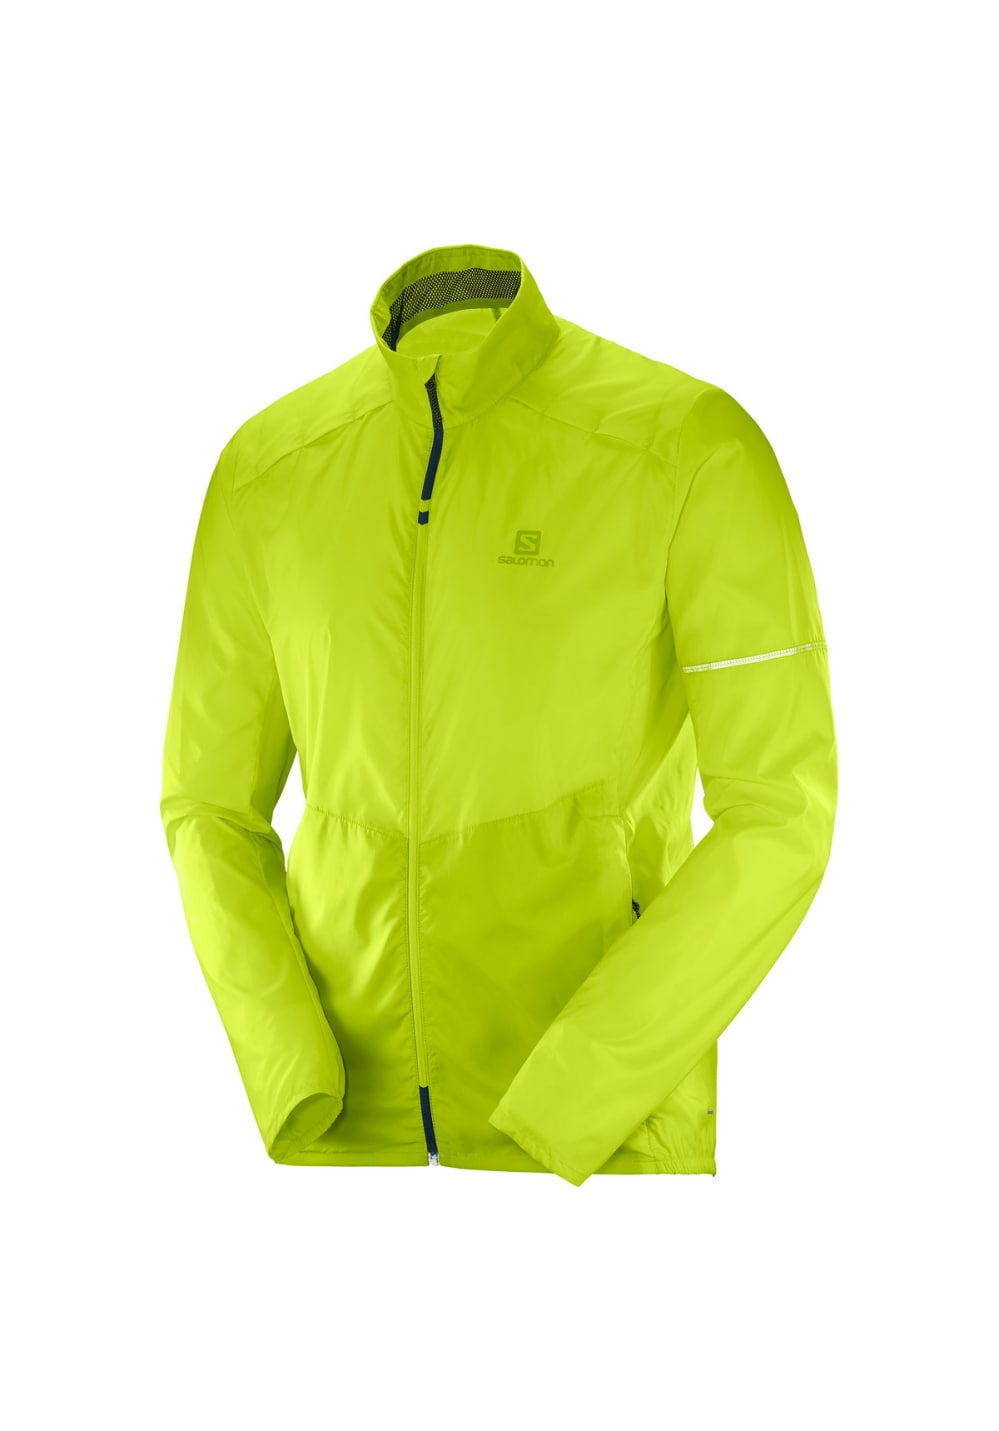 Salomon Agileind Jacket - Laufjacken für Herren - Grün, Gr. S